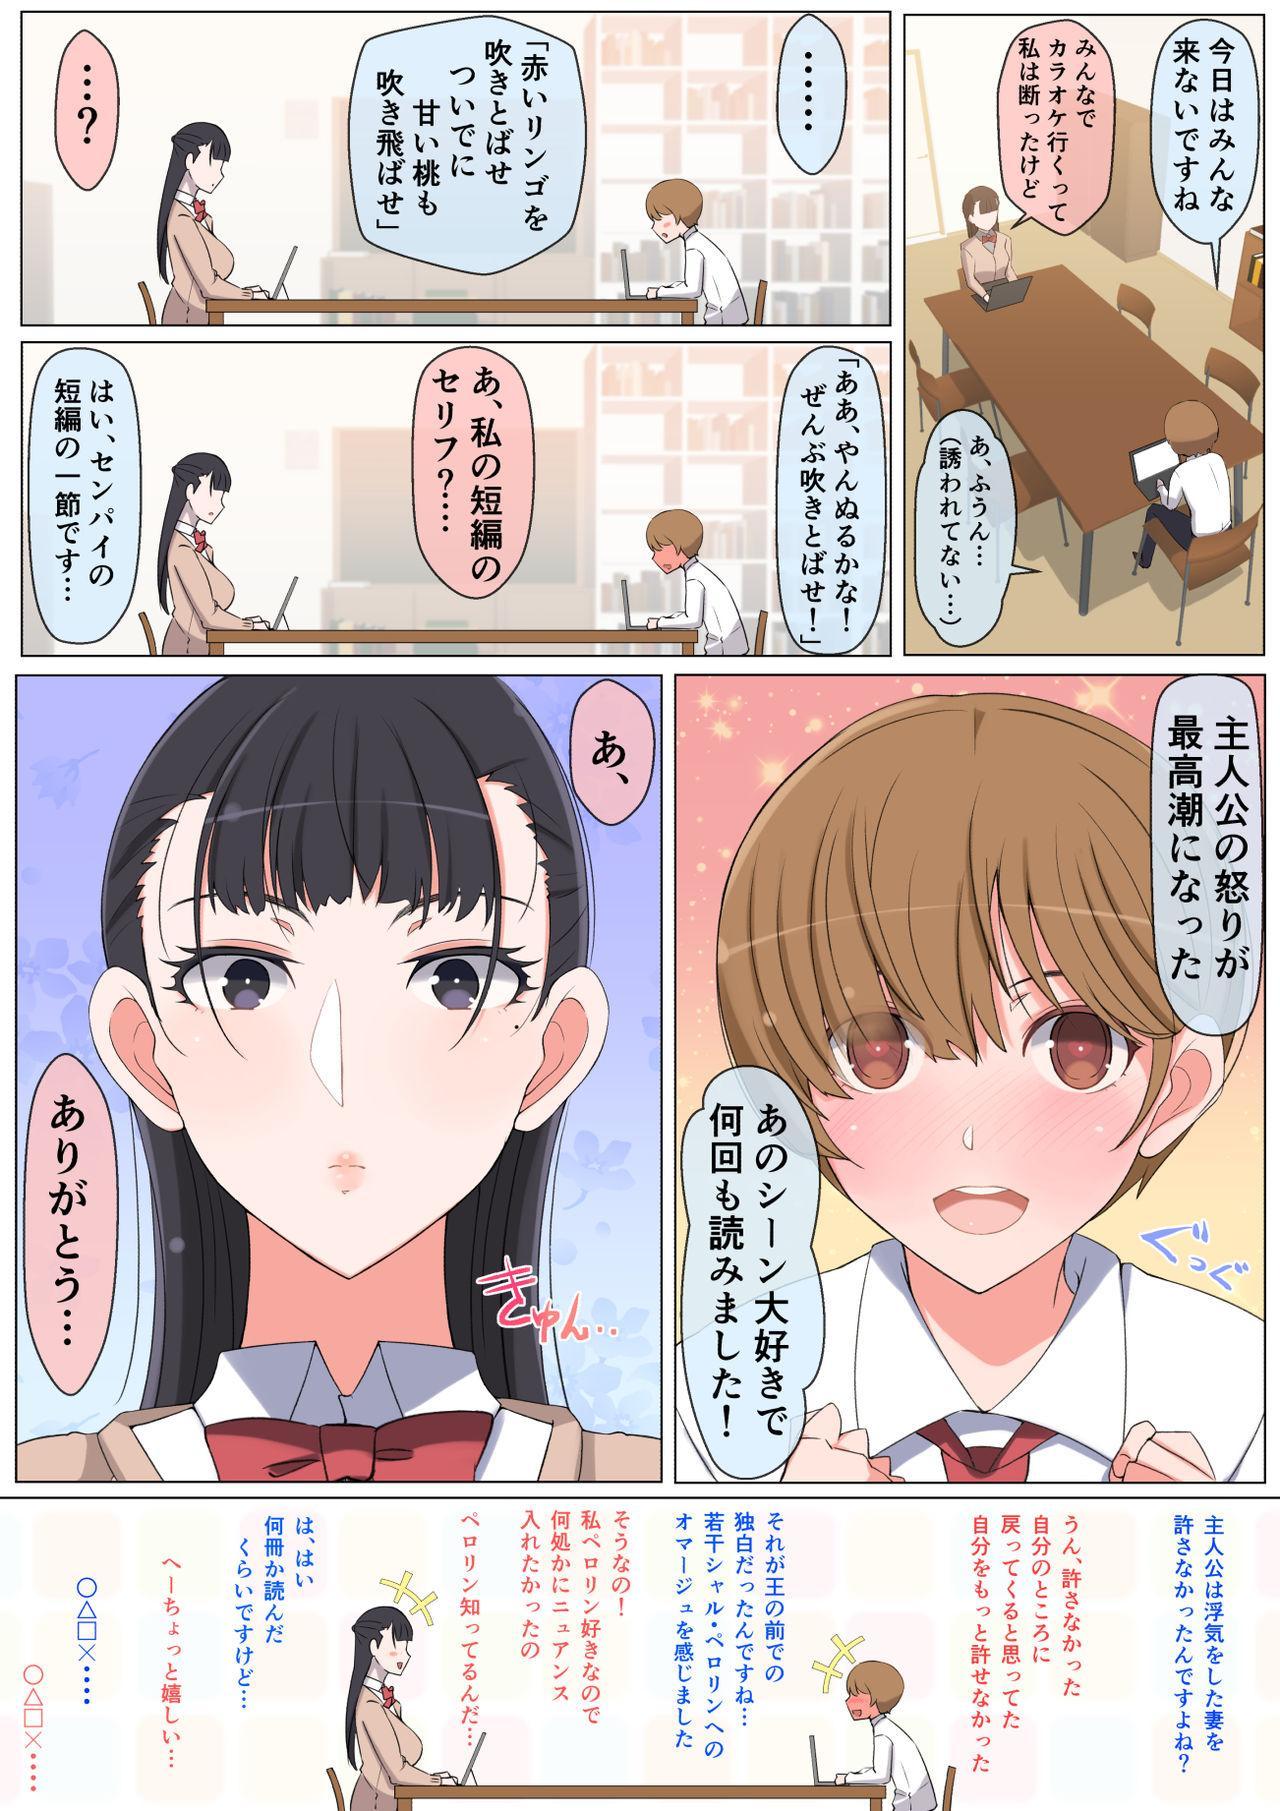 Haru-kun to Yukina Senpai 4